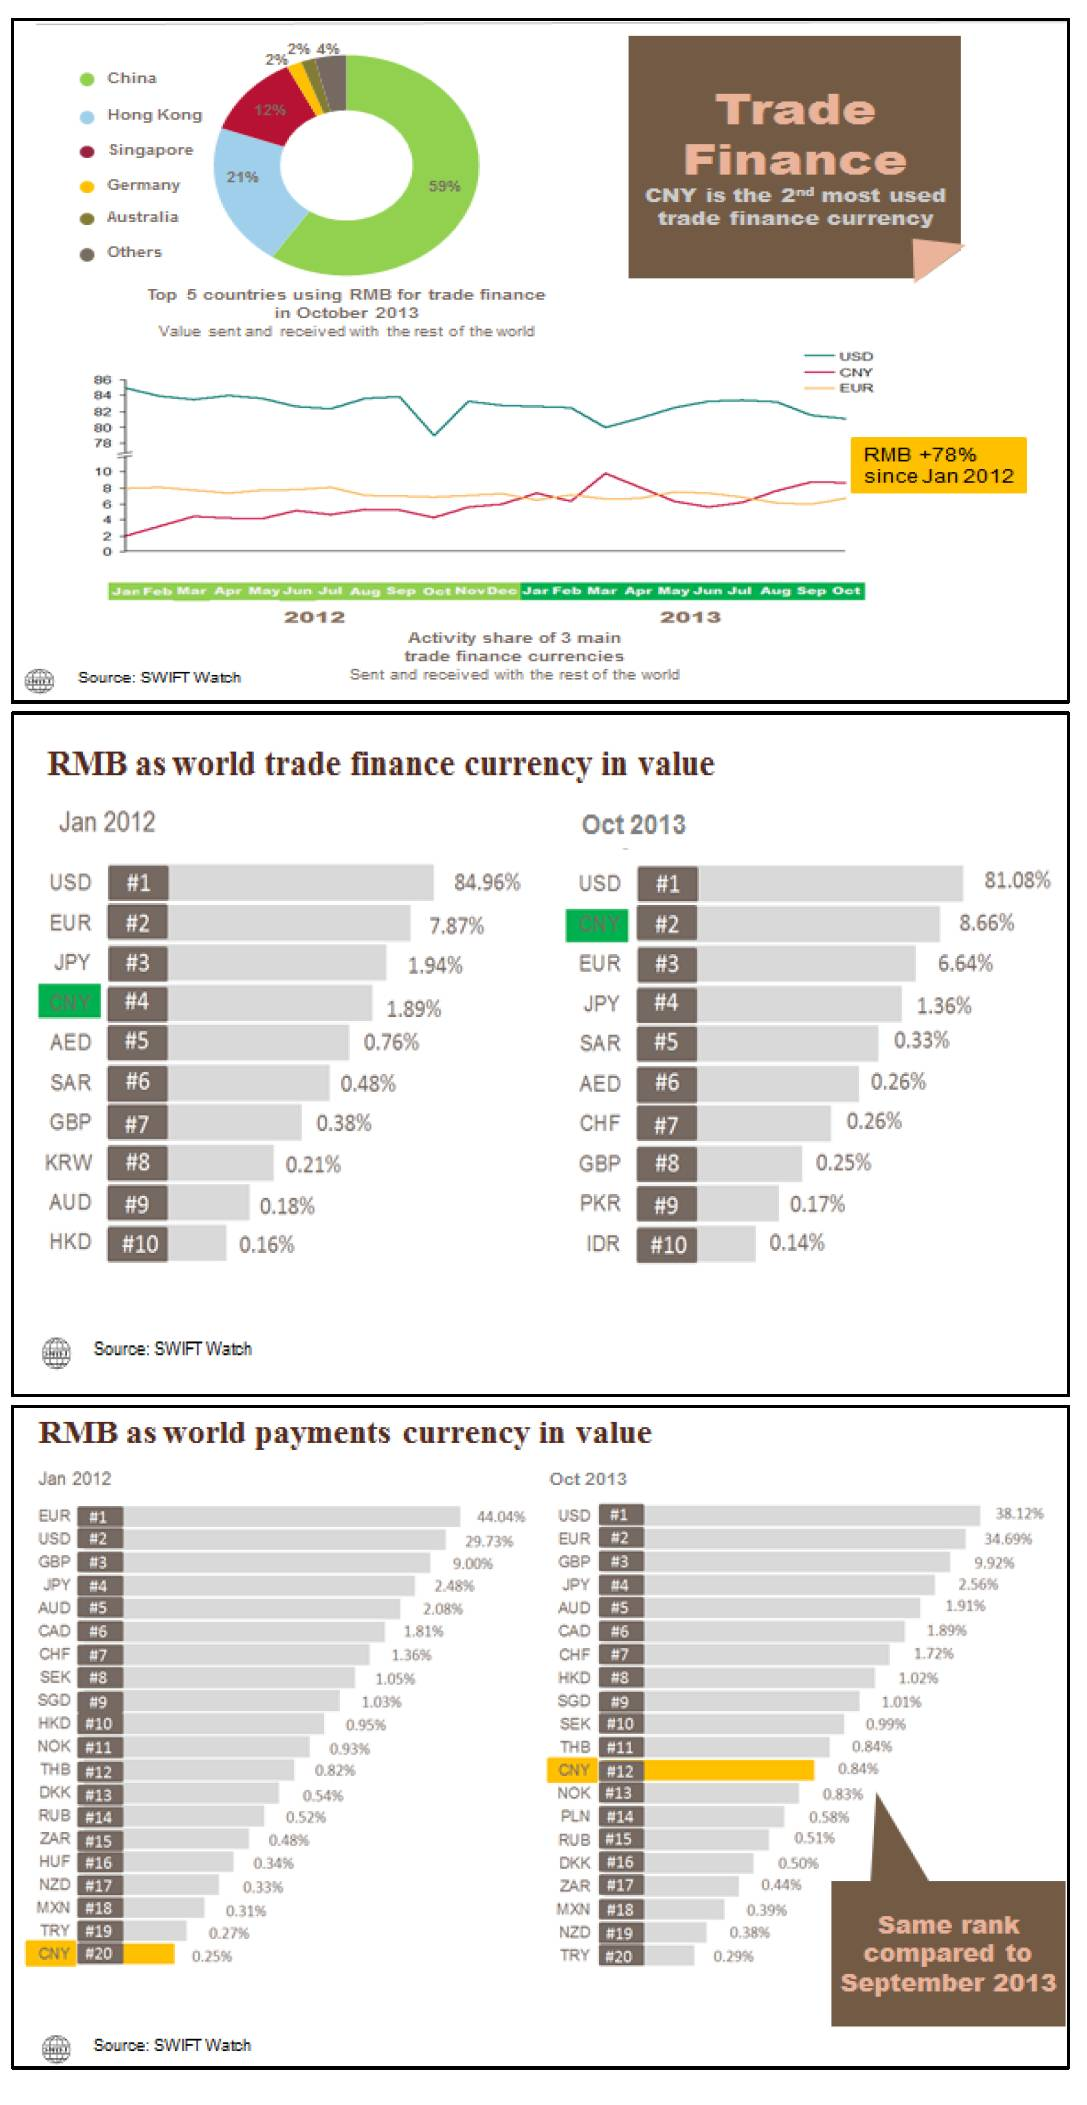 RMB : 2ème devise la plus utilisée pour les transactions financières, devant l'Euro